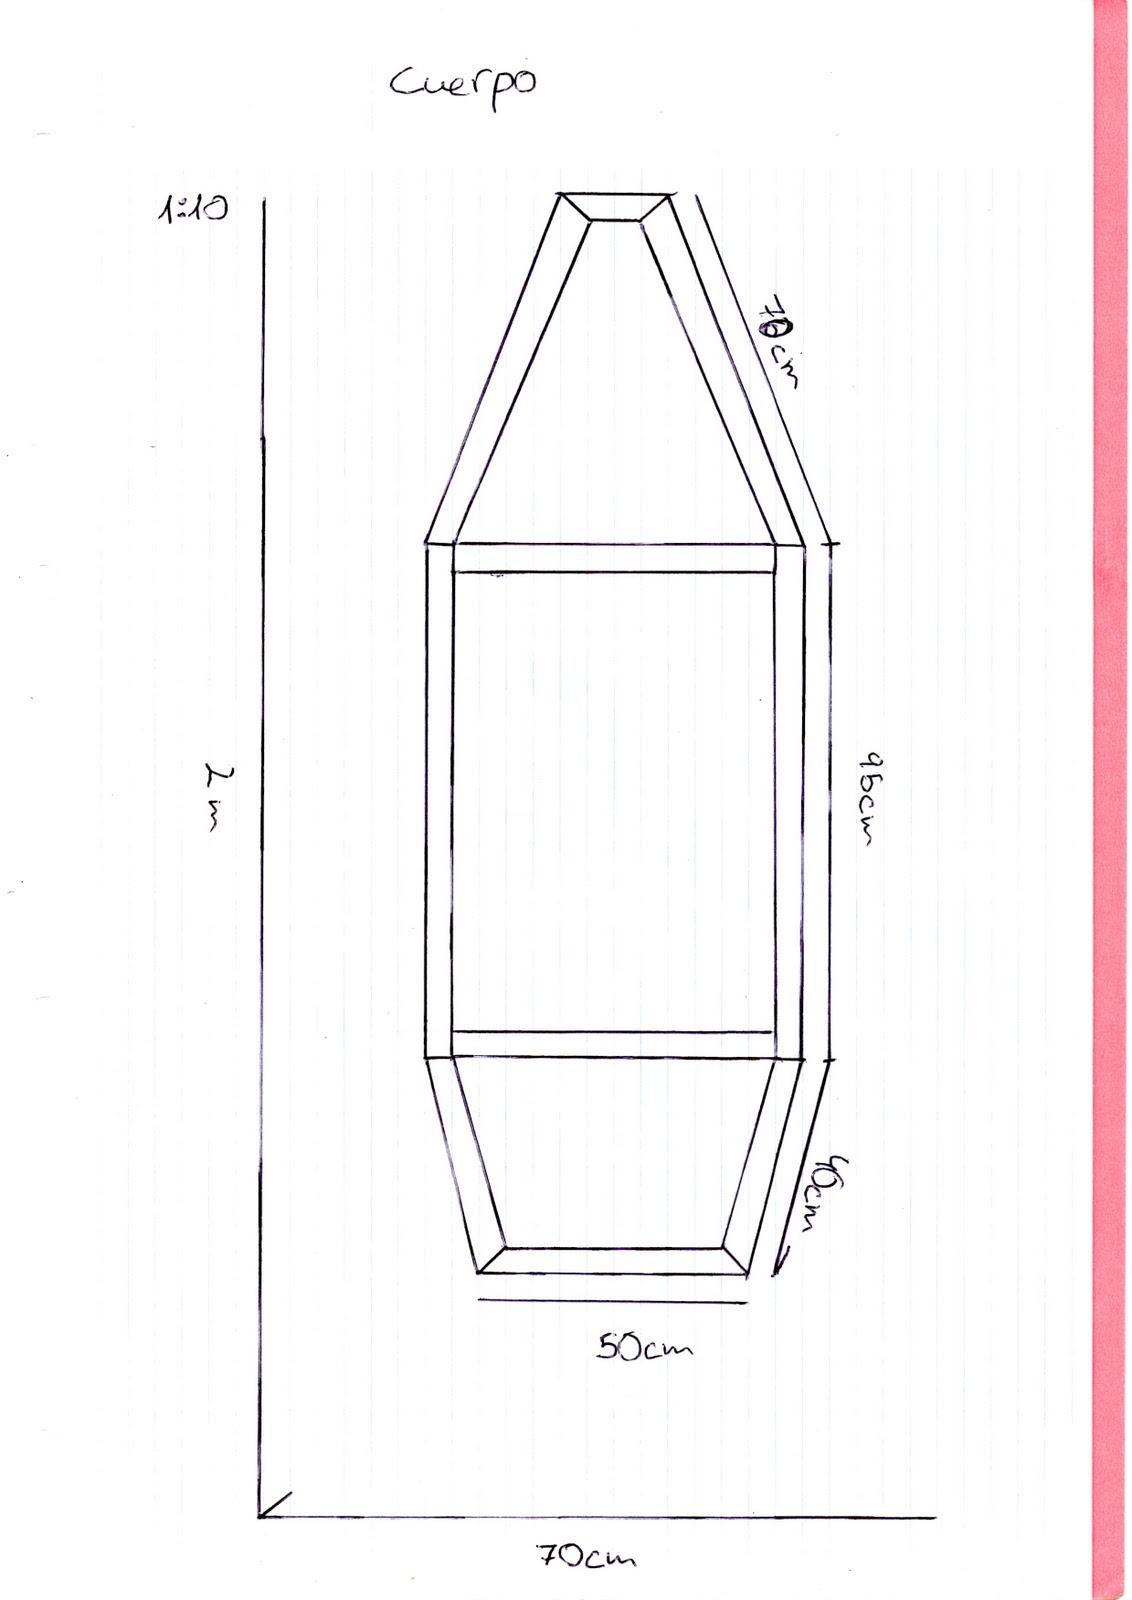 www.autosweblog.com/cat/como-hacer-un-buggy-casero-planos-buggy.html